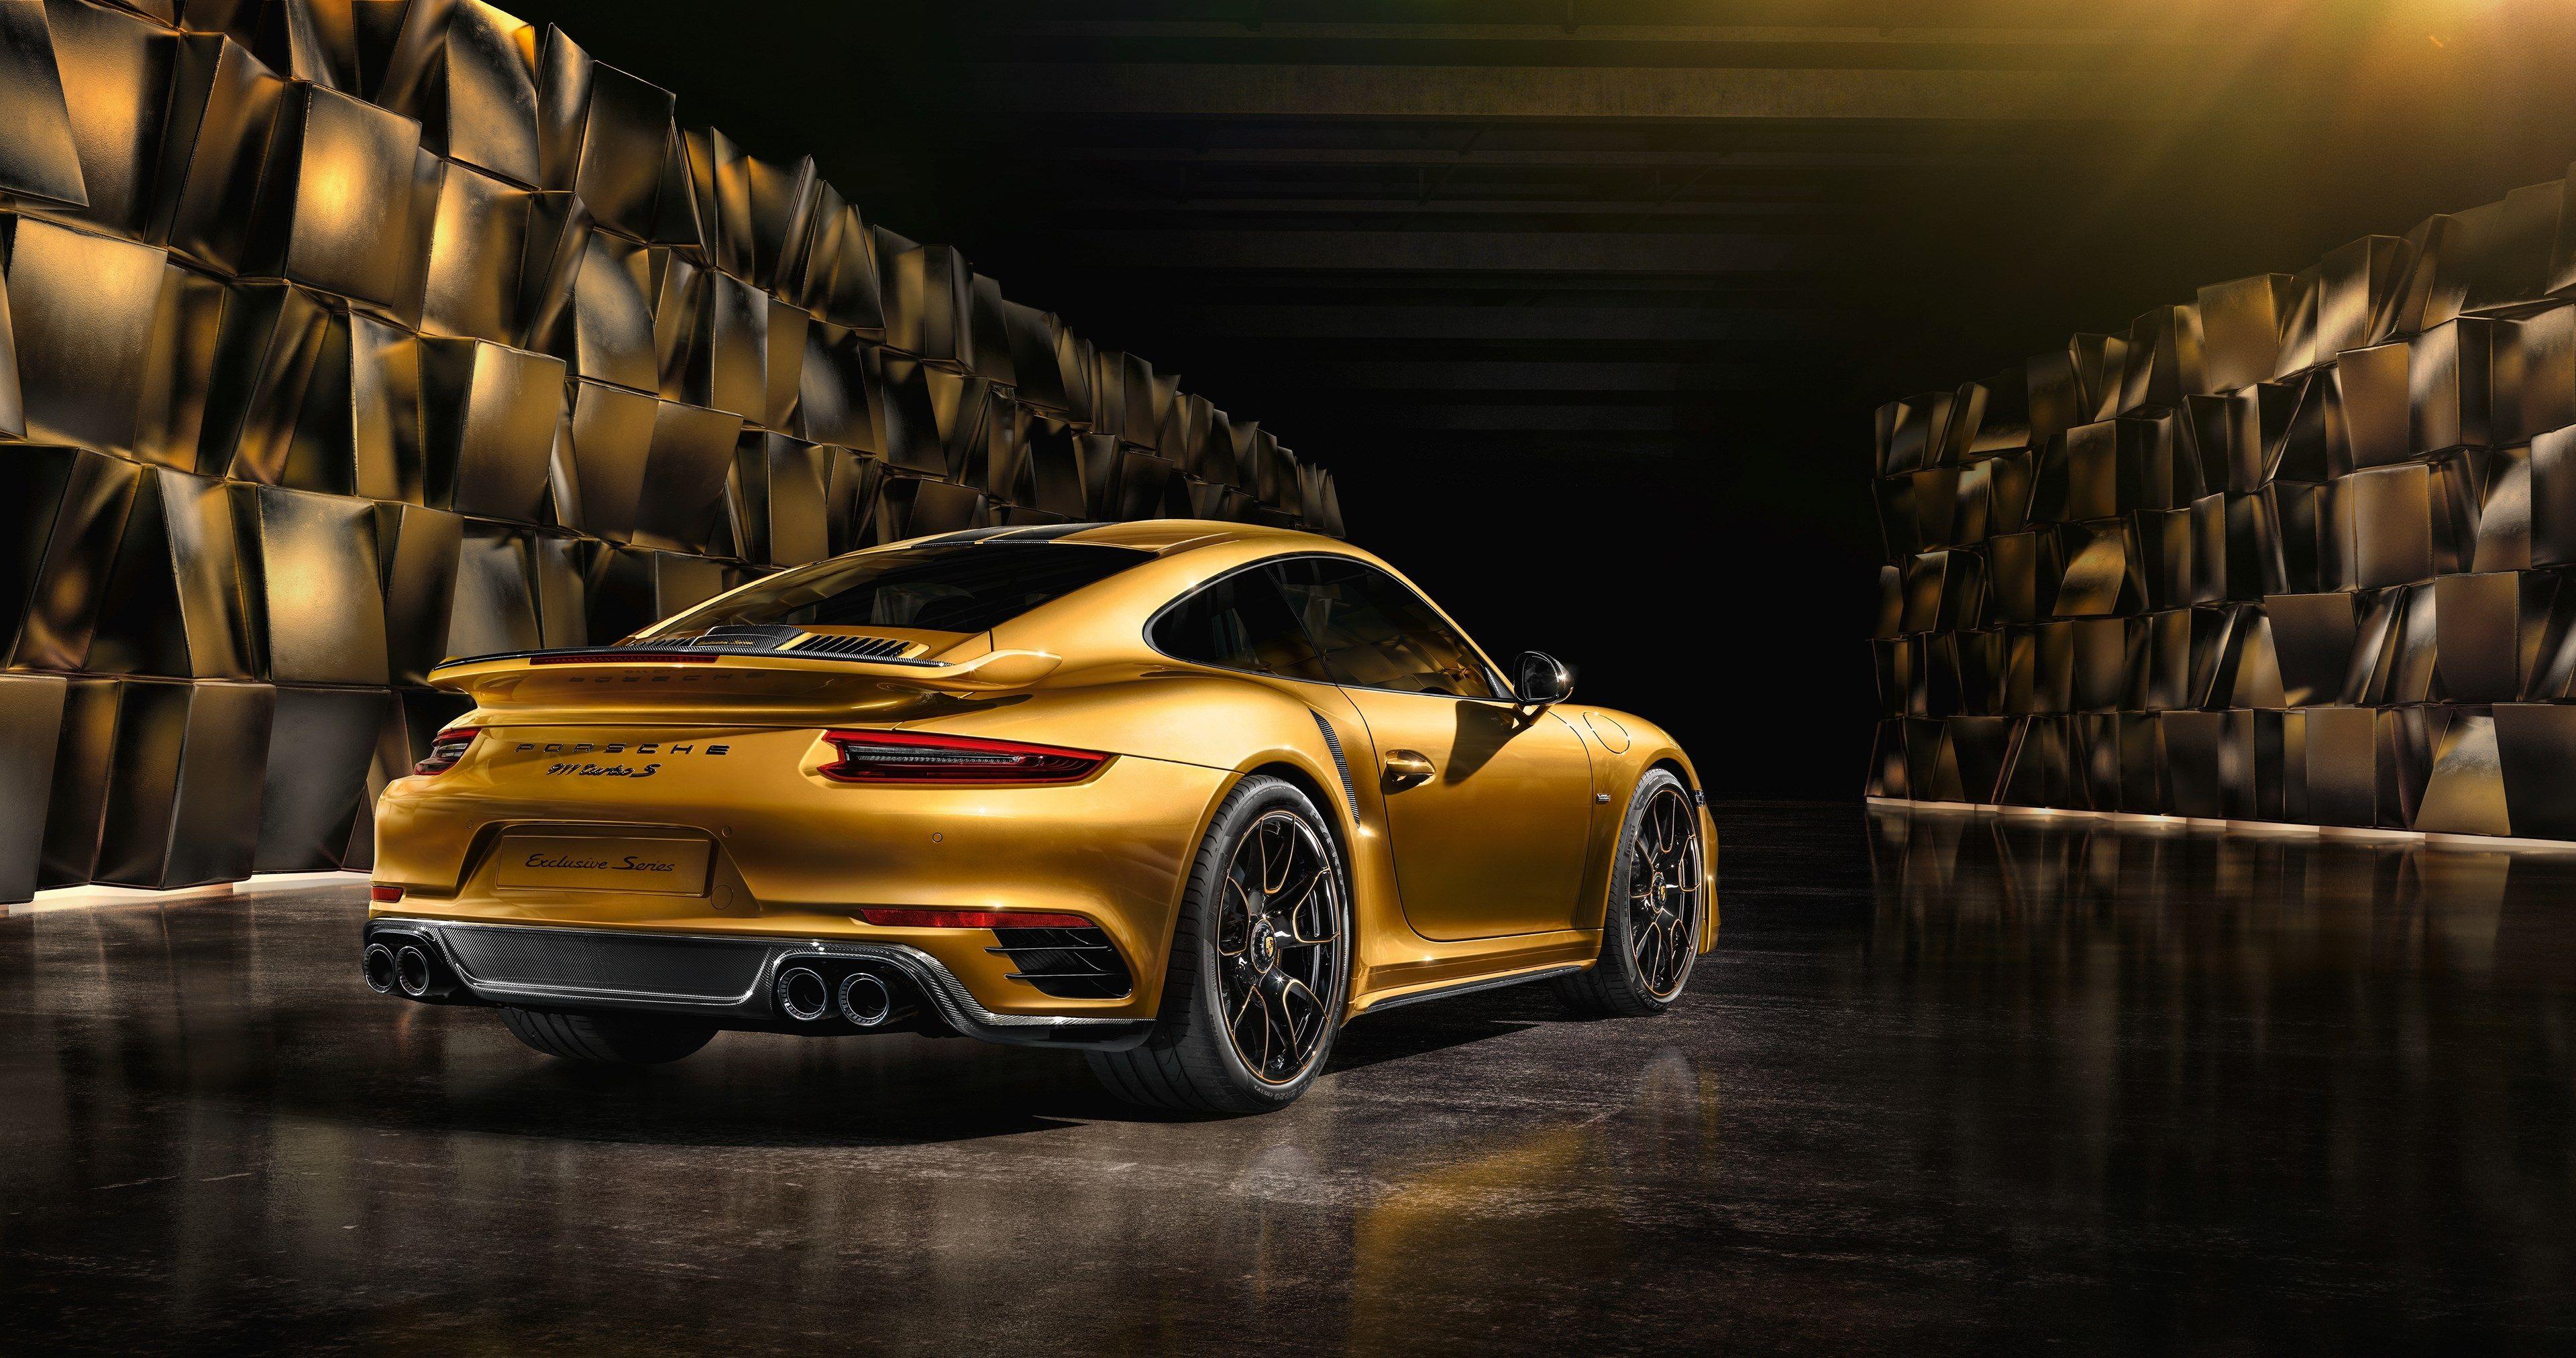 3a0b45642a1d60a4b27a9277eeeed87a Stunning Ficha Tecnica Porsche 918 Spyder Concept Cars Trend